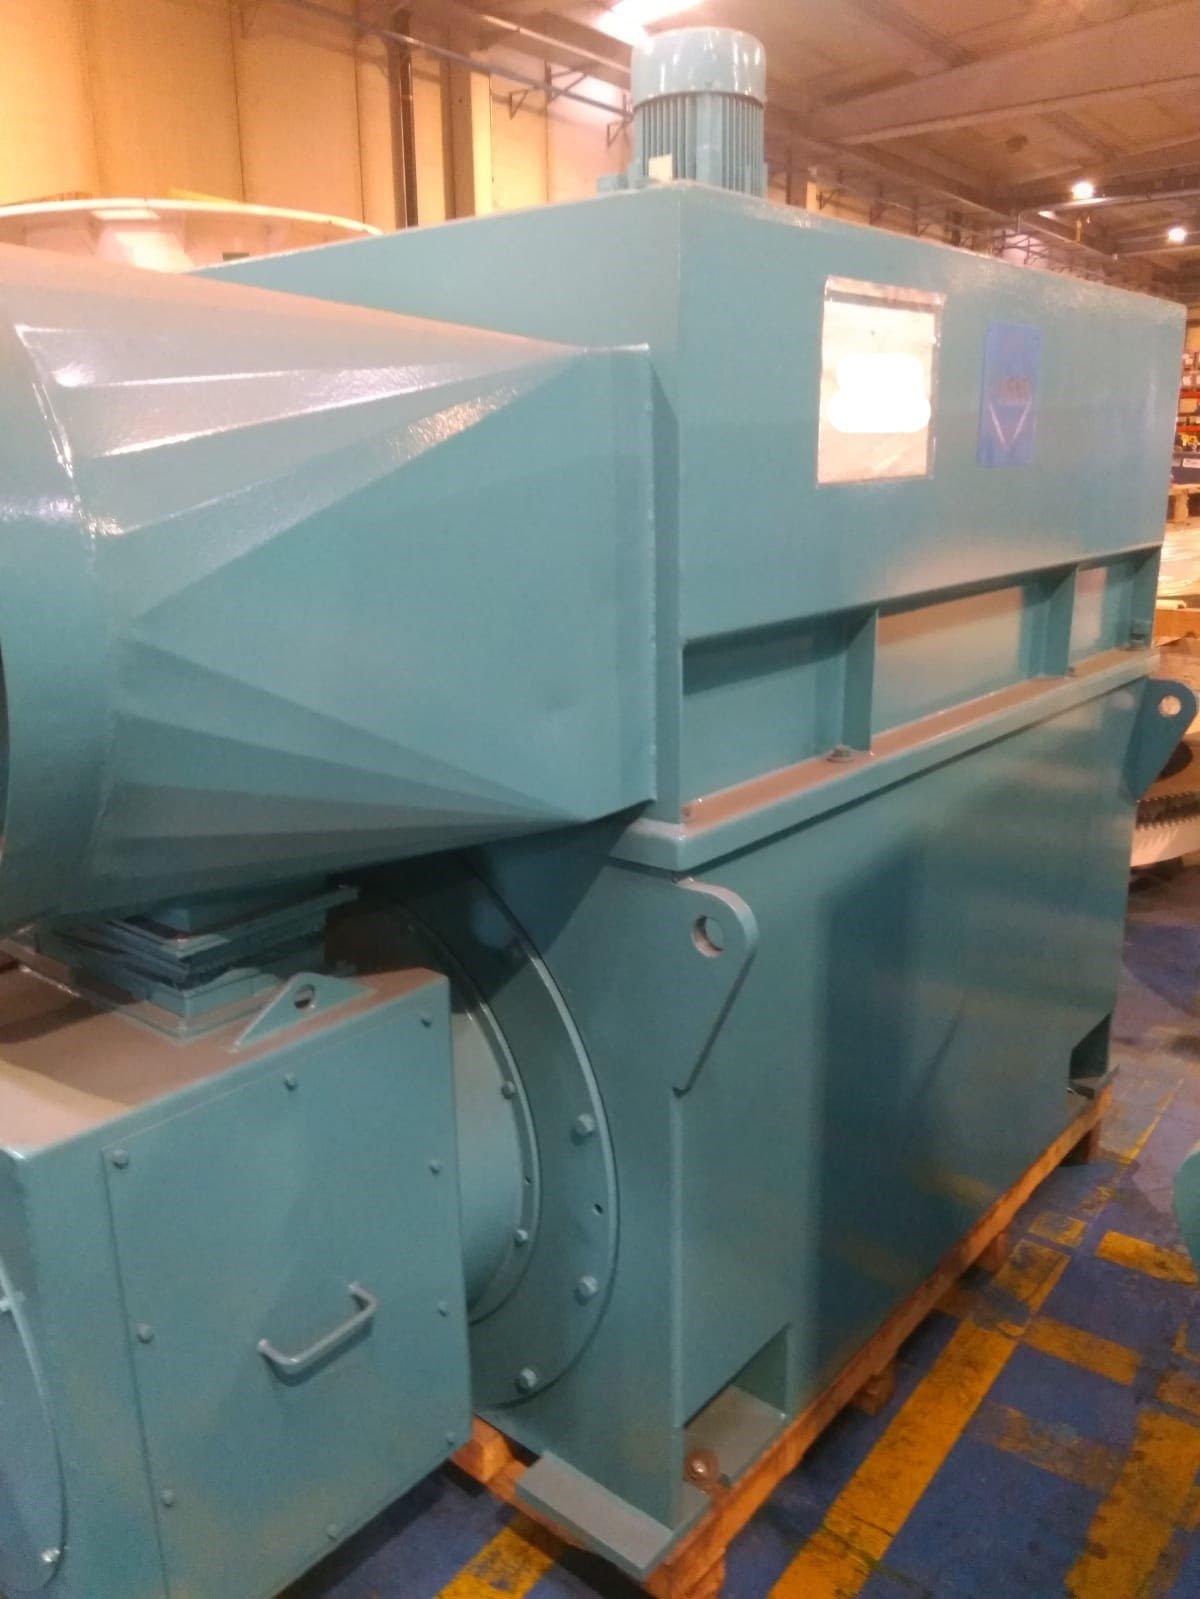 VEM TYP Generator: DASAA 5023-4UE Für: GE 1.5, Tacke, Emro, Fuhrl'nder